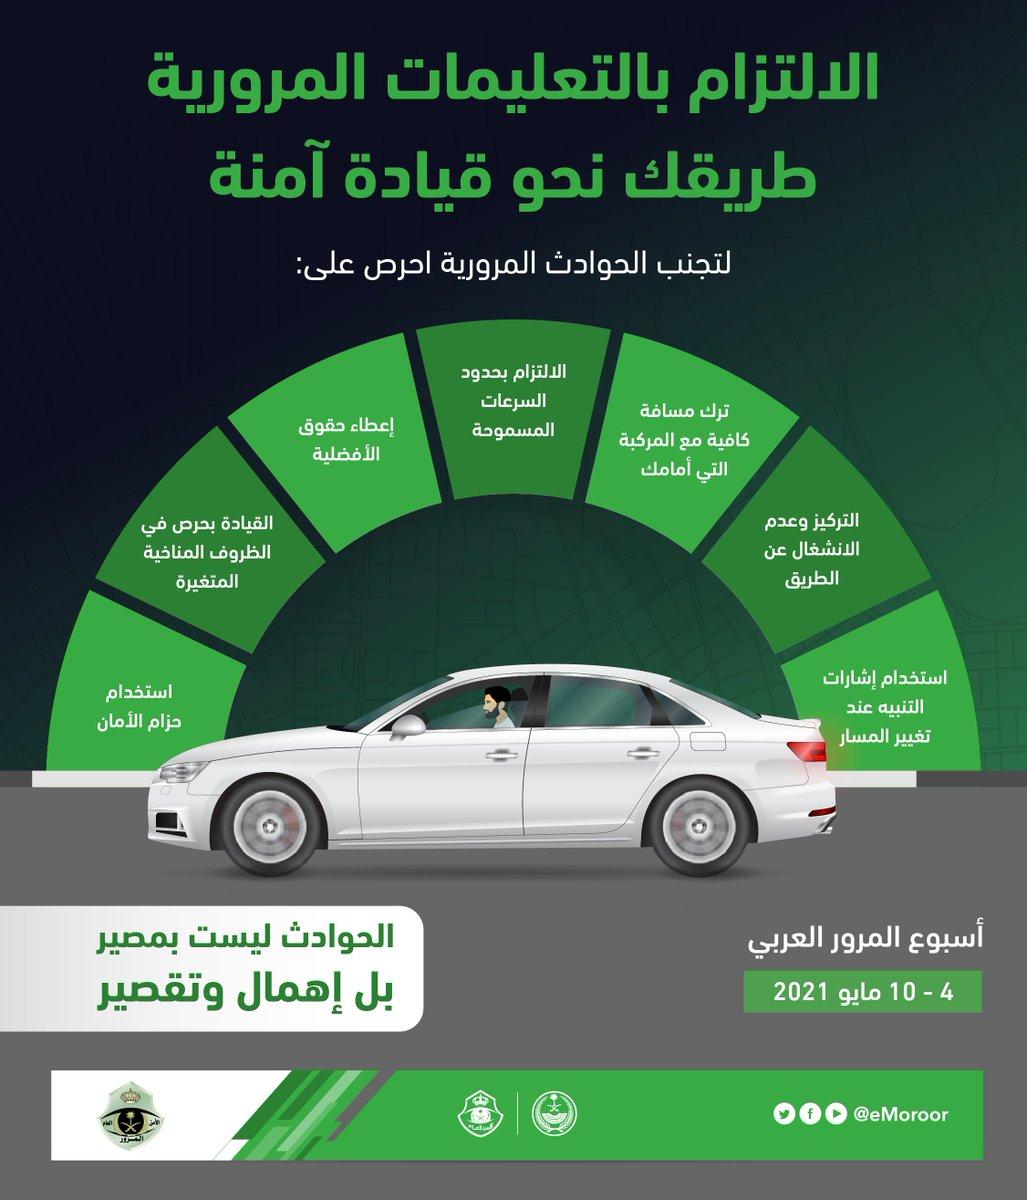 حجز موعد رخصة القيادة للنساء بالقصيم 2021